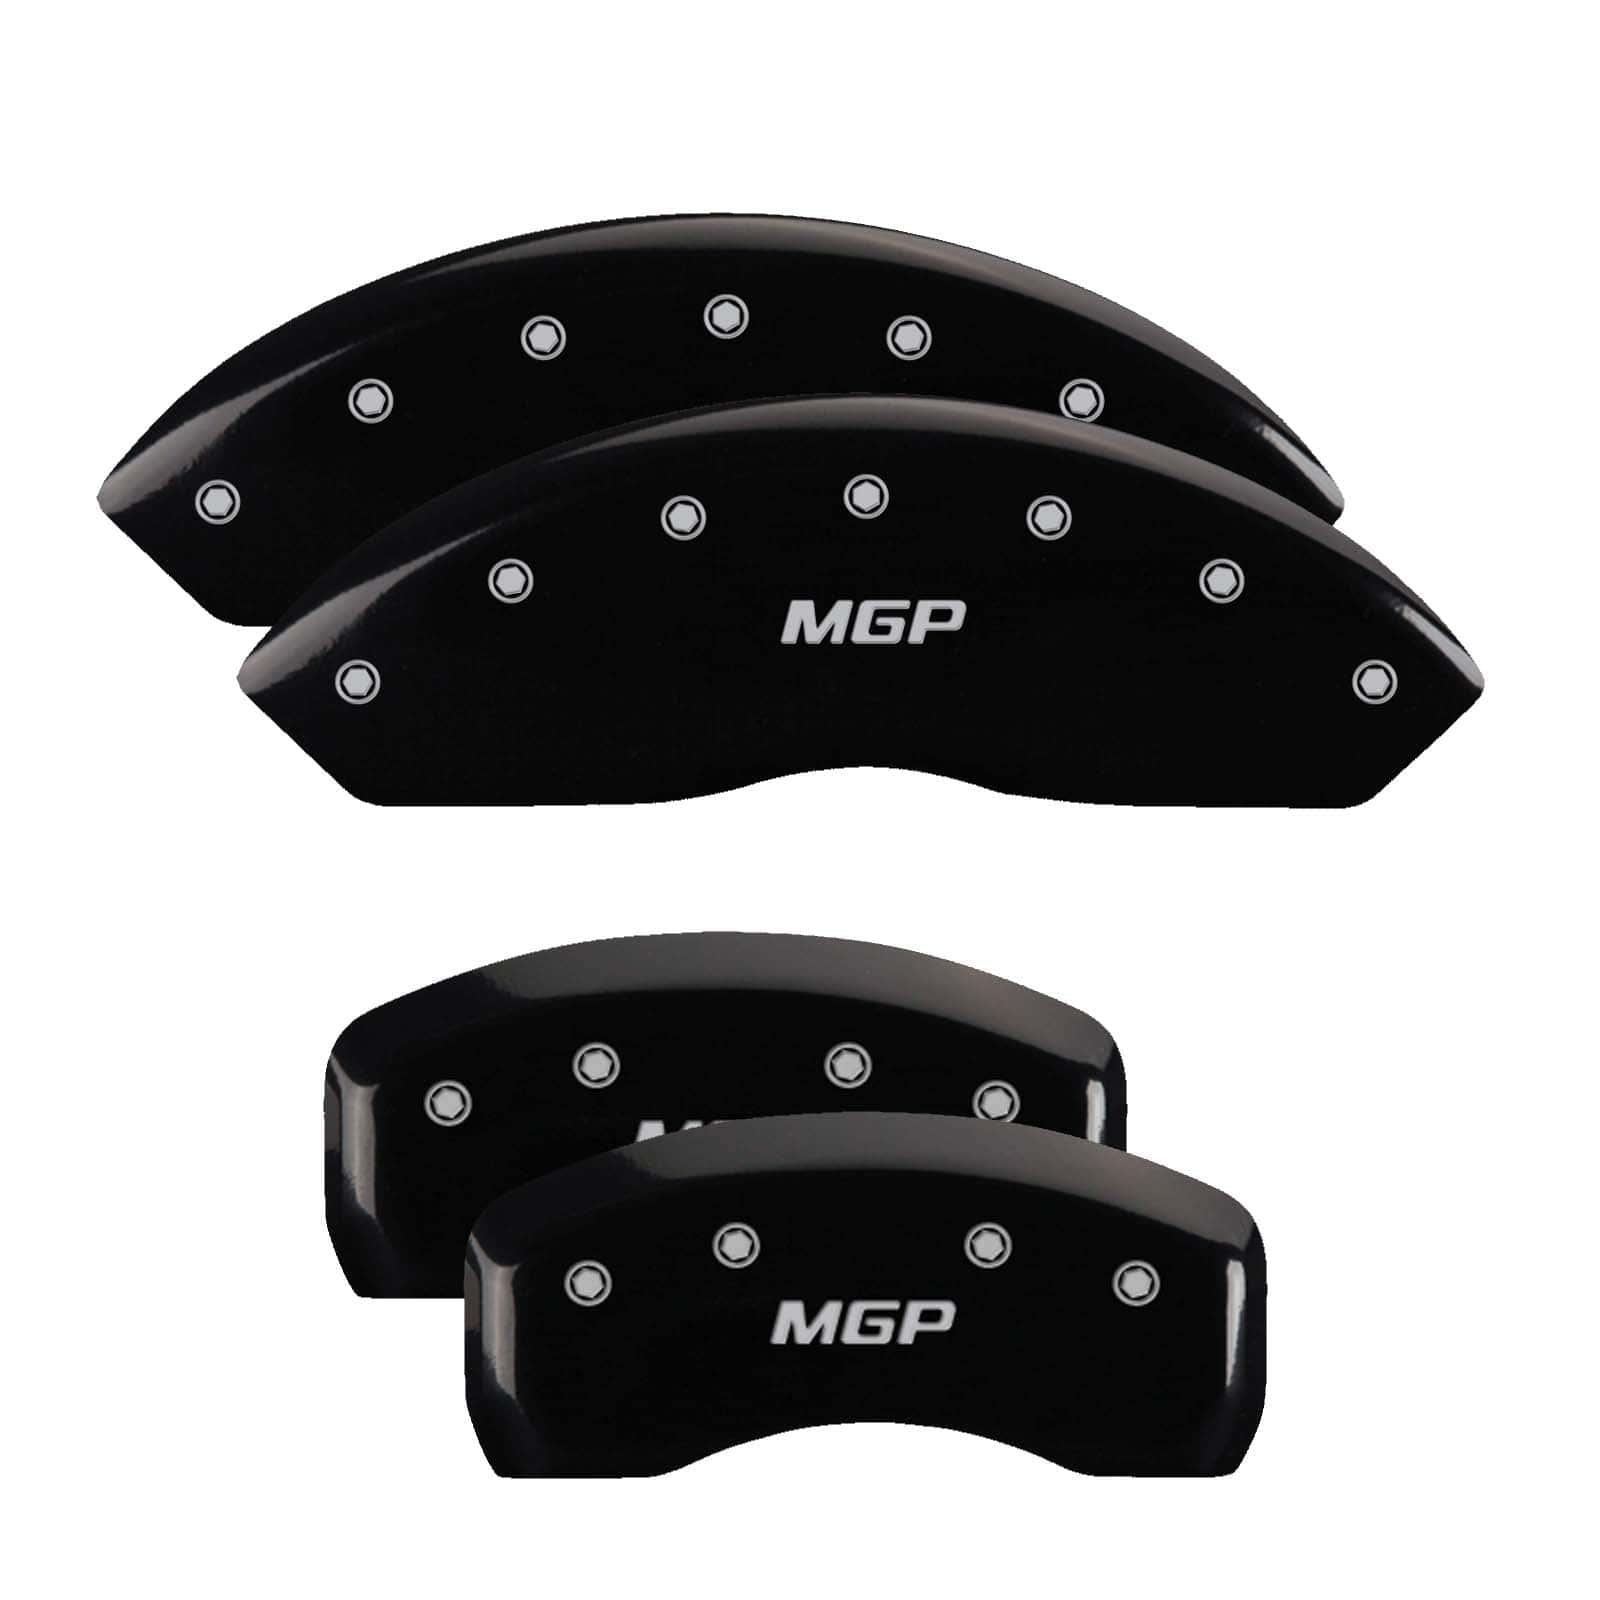 Bmw Z4 2004 For Sale: MGP Caliper Covers BMW Z4 (Black)